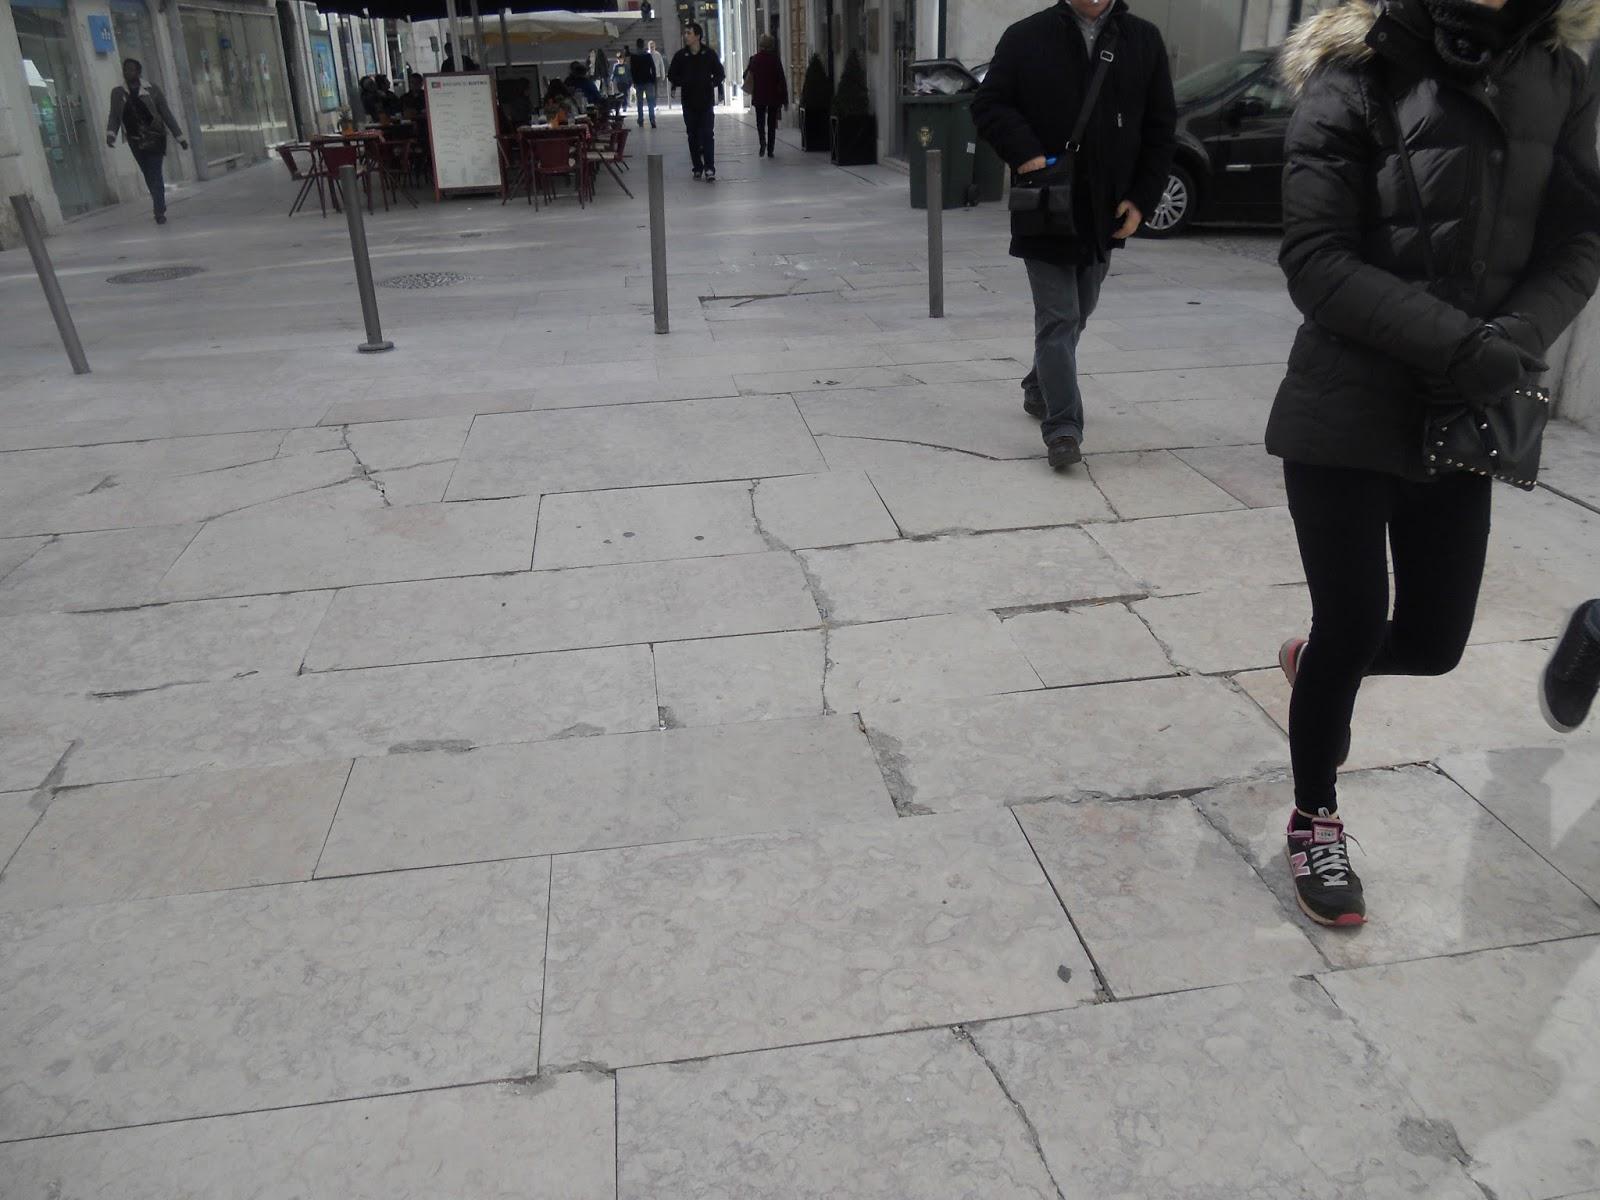 4bd35b7bd Quando, em 2014, a CML decidiu começar a trocar a calçada portuguesa pela  pedra lioz polida como revestimento dos pavimentos, logo compôs para este  novo ...